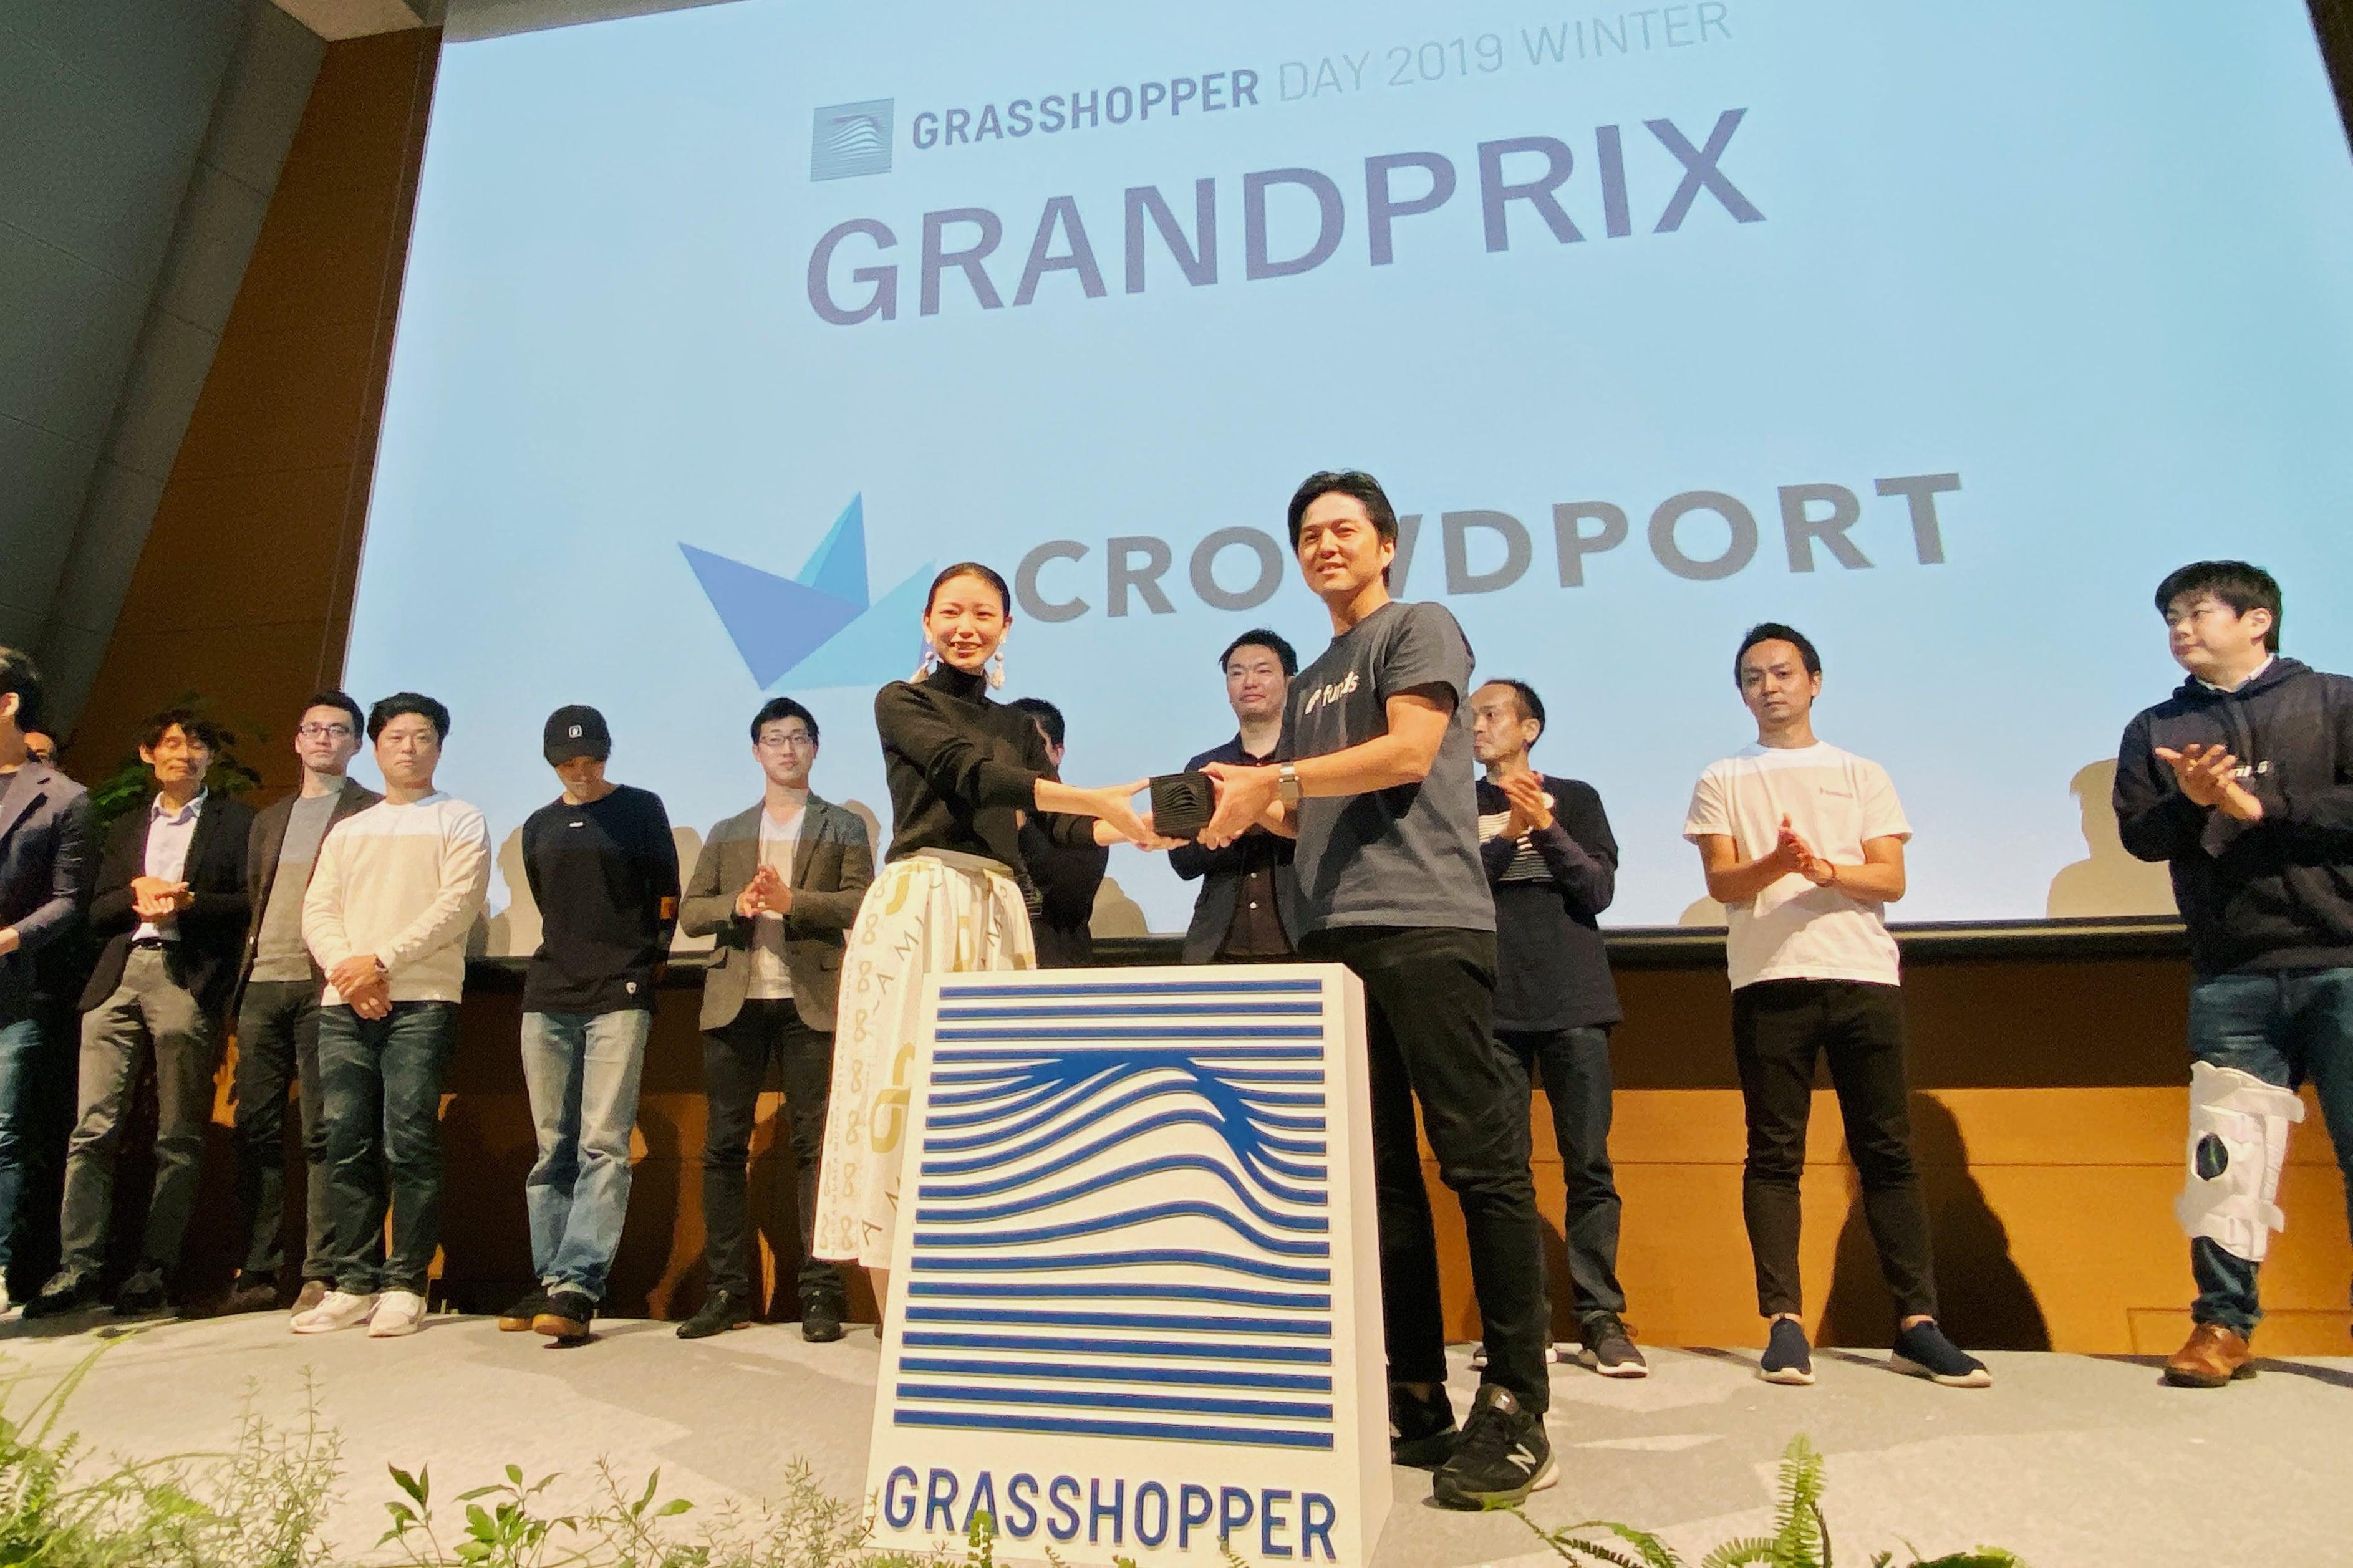 電通が運営するアクセラレーションプログラム「GRASSHOPPER」第2期デモデイでクラウドポートがグランプリを受賞